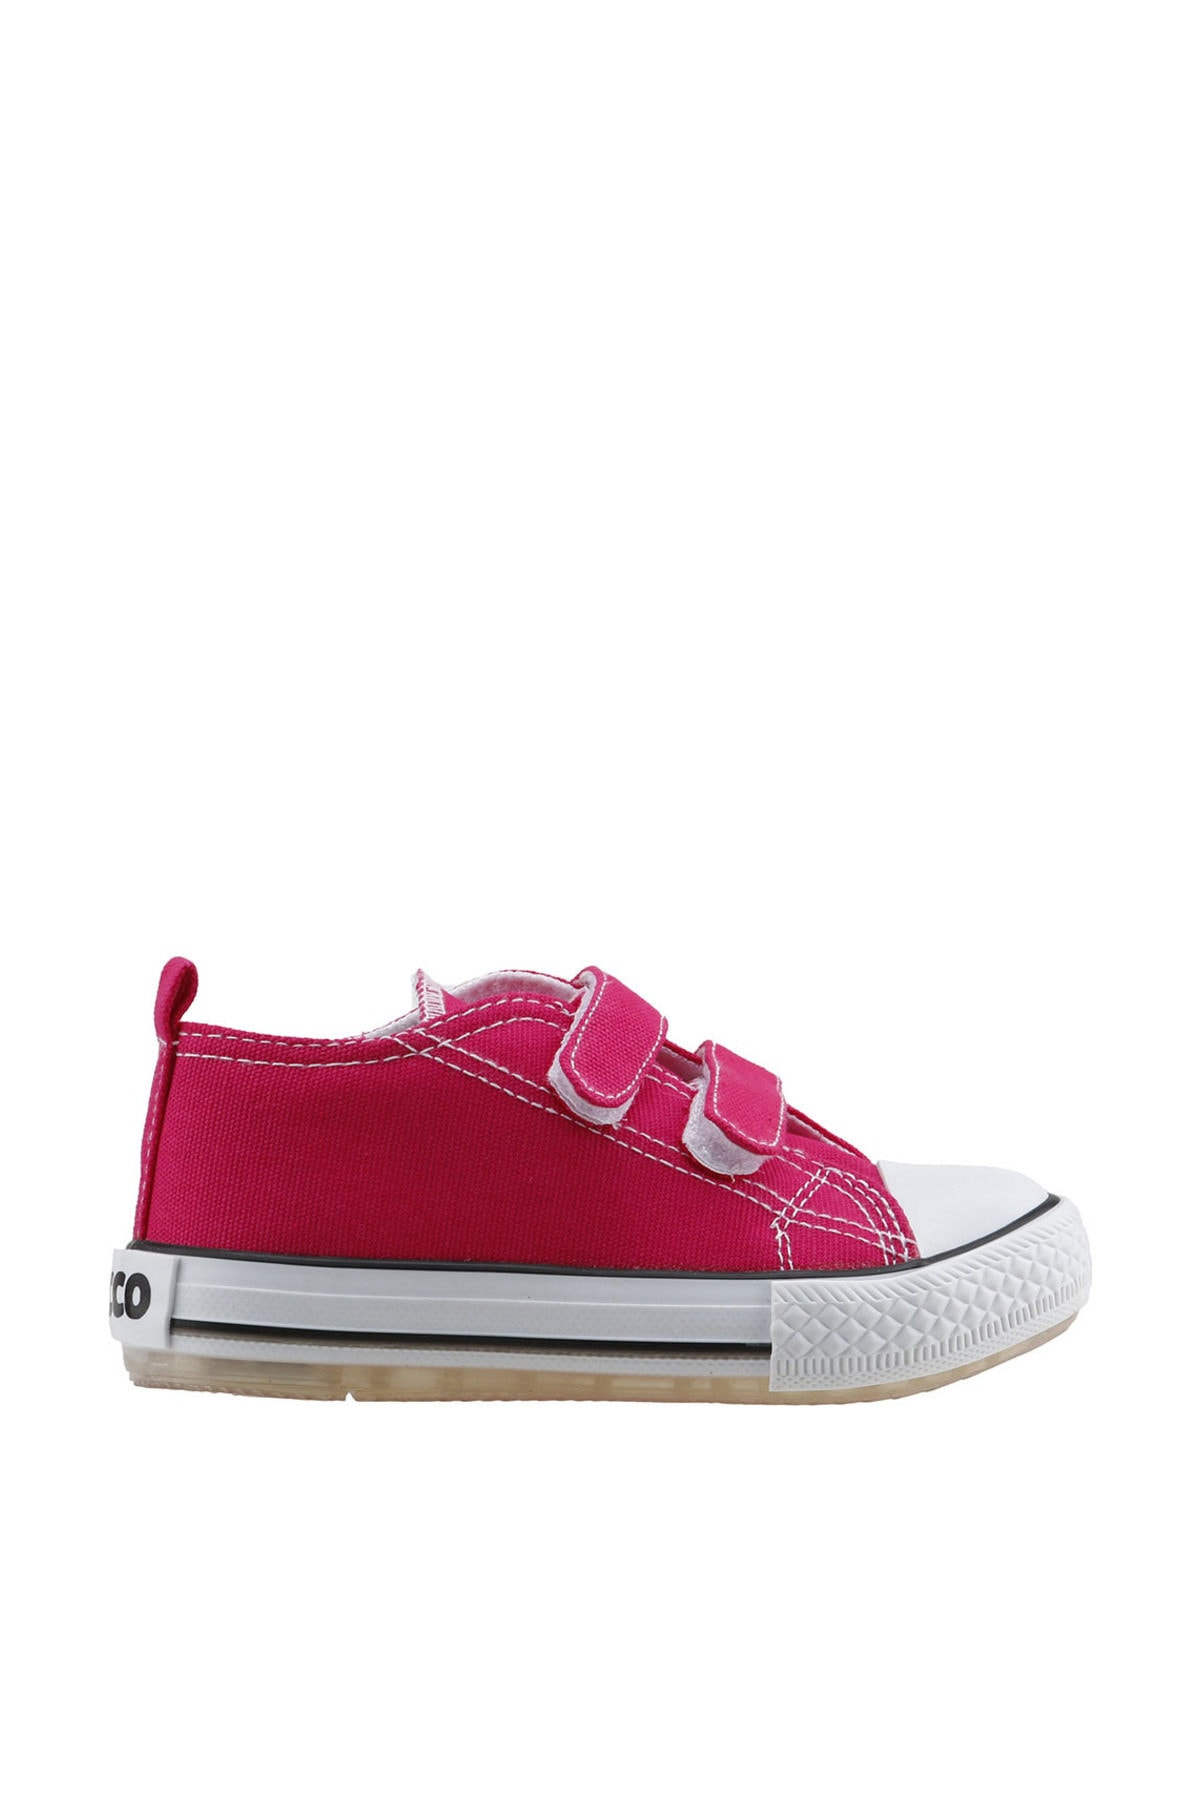 Fuşya Çocuk Ayakkabı 211 925.19Y672B